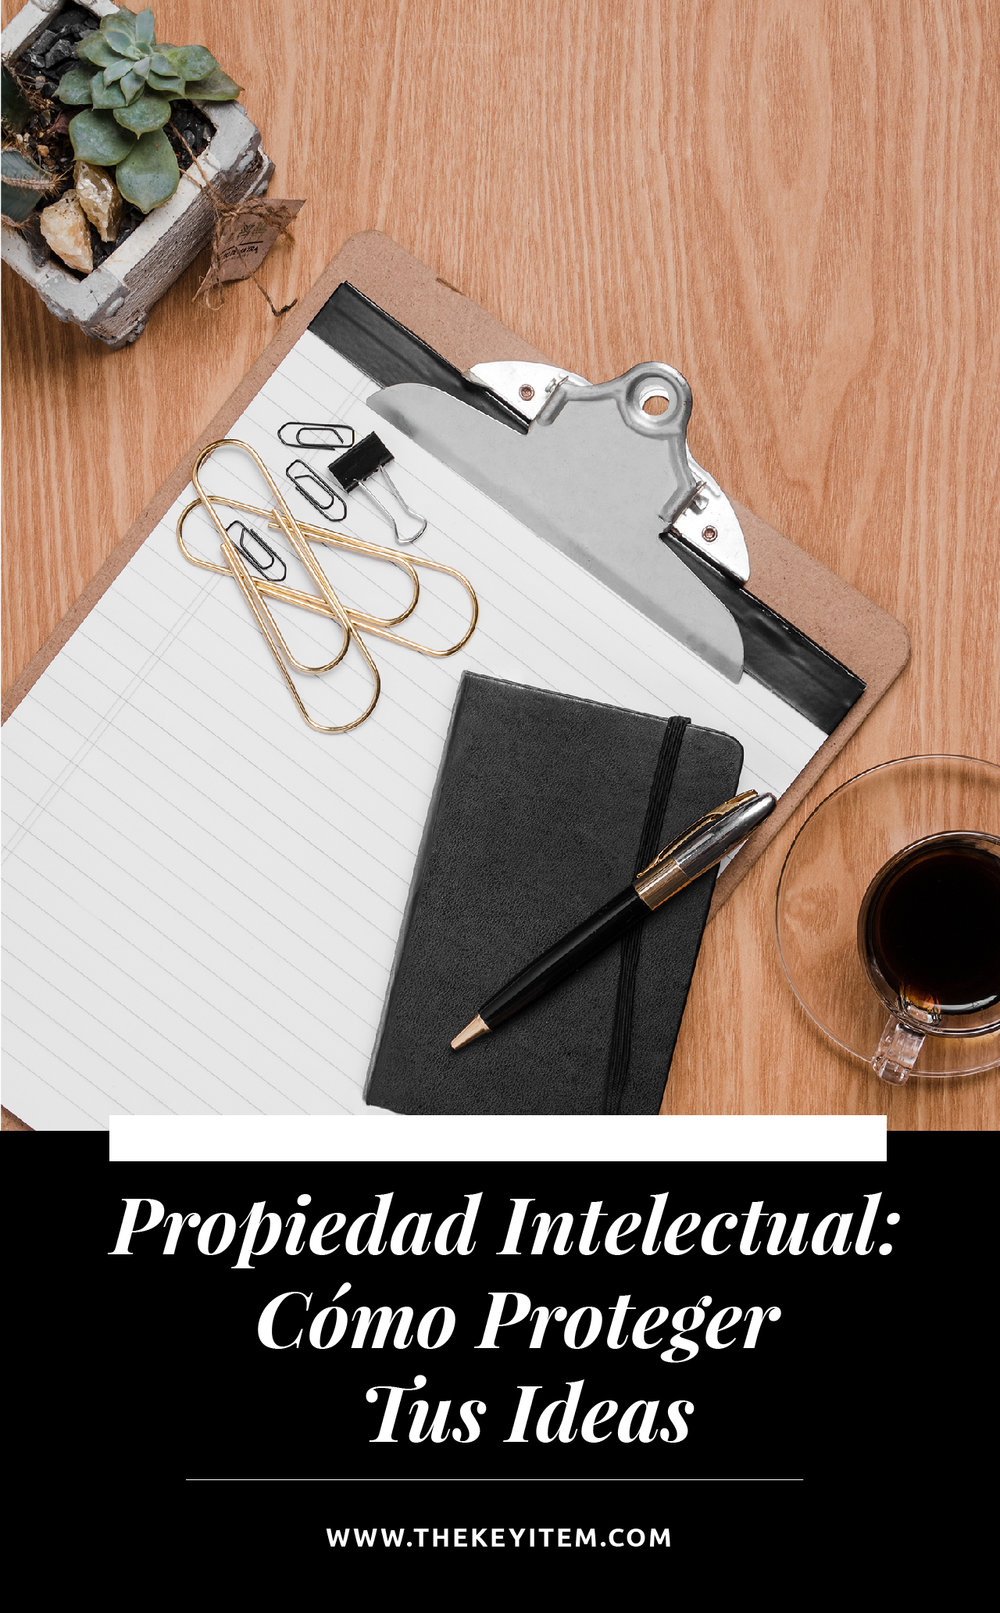 ¿Sabes lo qué es la propiedad intelectual? - Cuando iniciamos un proyecto como hobbie nos olvidamos de algunas reglas a la hora de crear nuevas ideas. Principalmente en el ámbito legal.